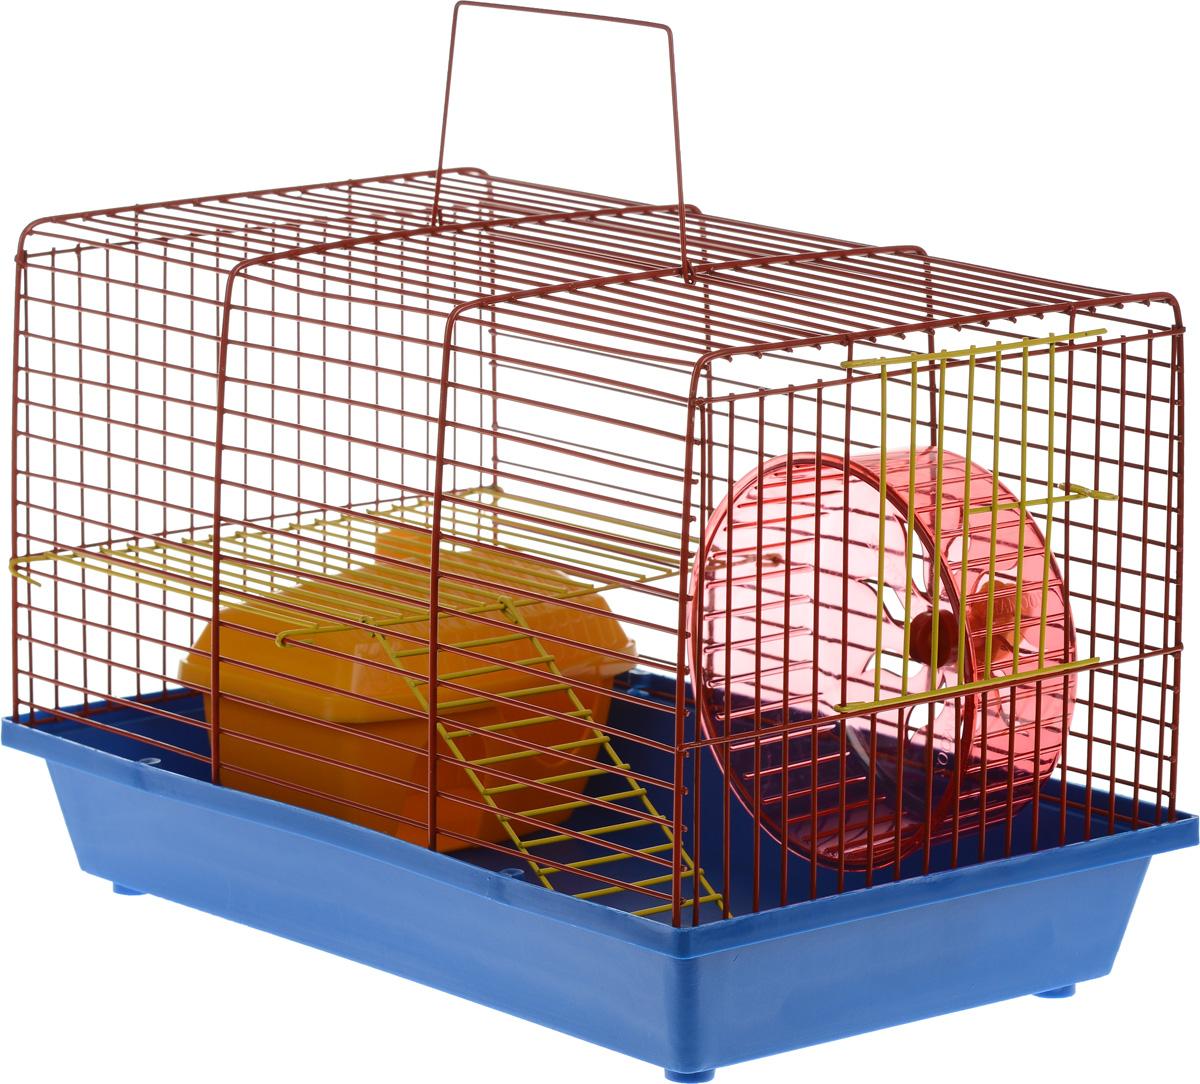 Клетка для грызунов ЗооМарк, 2-этажная, цвет: синий поддон, красная решетка, 36 х 22 х 24 см125ж_синий, красныйКлетка ЗооМарк, выполненная из полипропилена и металла, подходит для мелких грызунов. Изделие двухэтажное, оборудовано колесом для подвижных игр и пластиковым домиком. Клетка имеет яркий поддон, удобна в использовании и легко чистится. Сверху имеется ручка для переноски. Такая клетка станет уединенным личным пространством и уютным домиком для маленького грызуна.